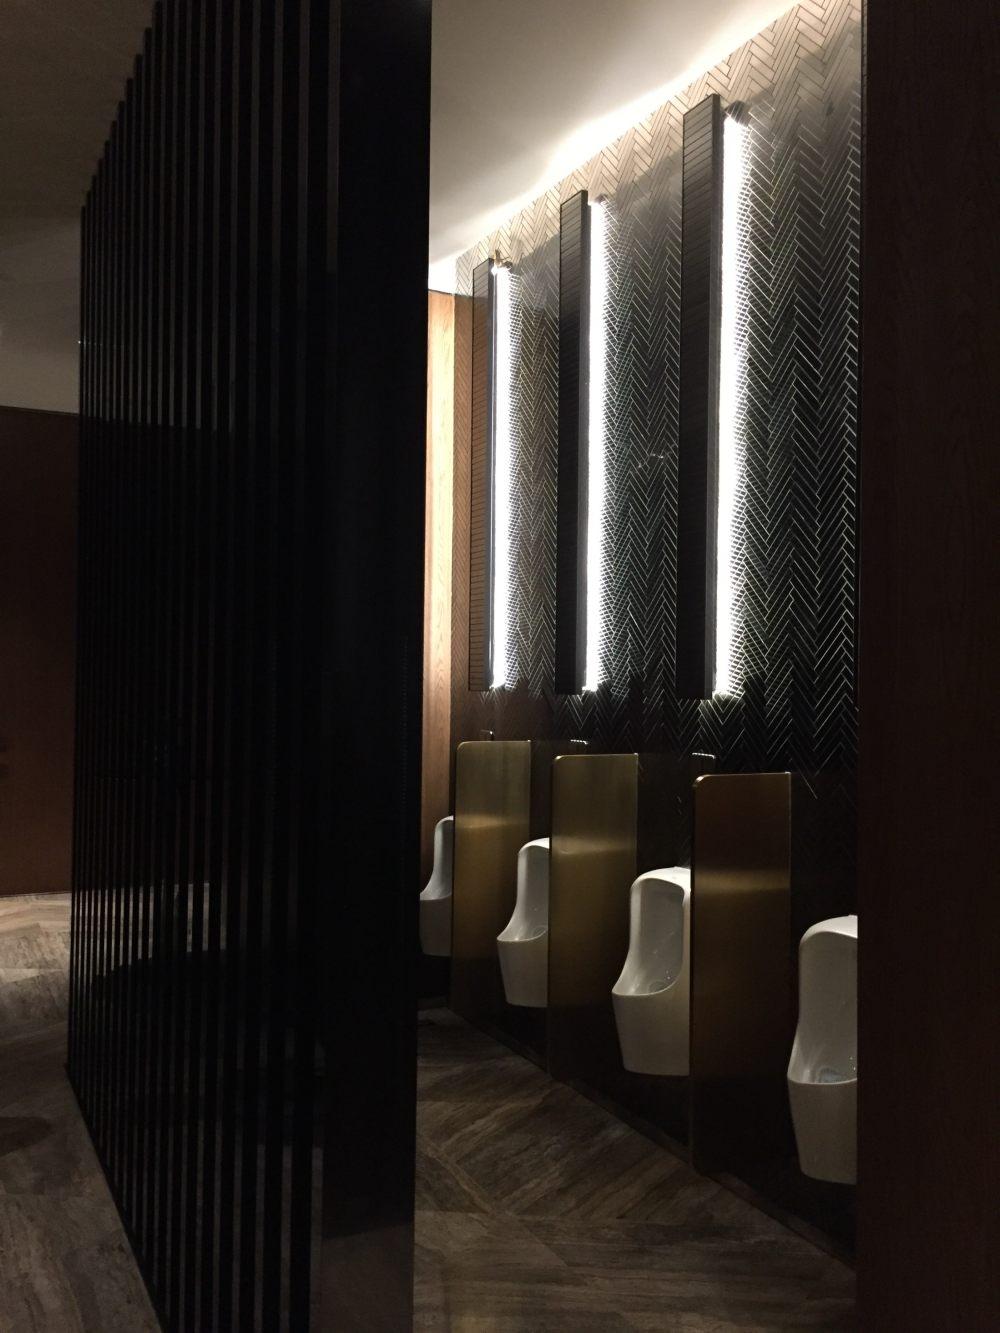 上海外滩W酒店,史上最全入住体验 自拍分享,申请置...._IMG_5971.JPG